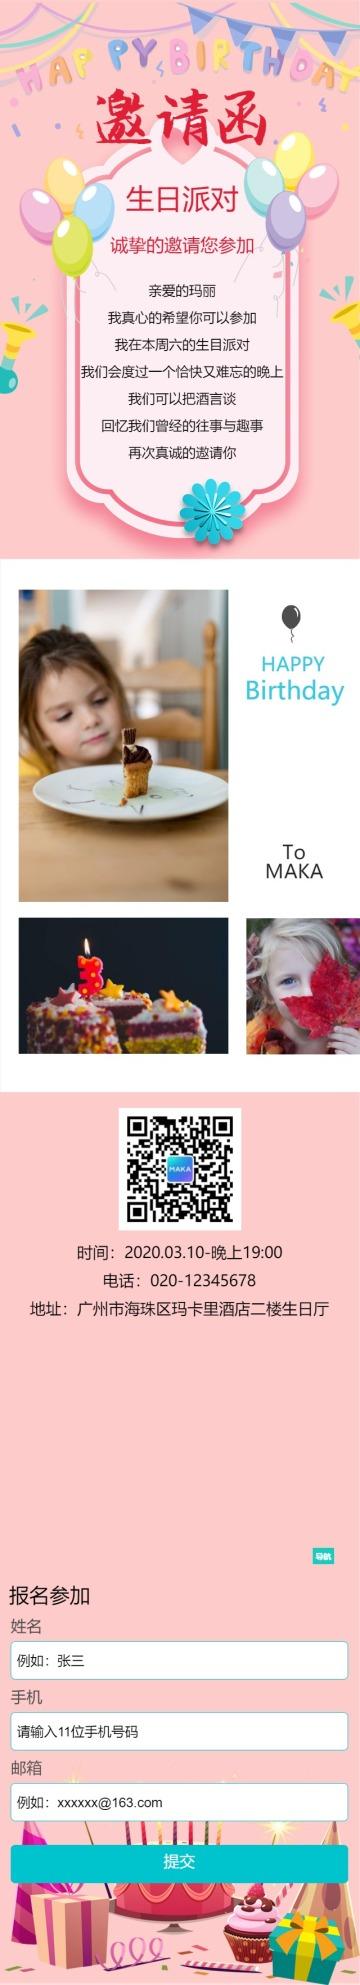 简约唯美浪漫生日手绘邀请函单页宣传活动推广